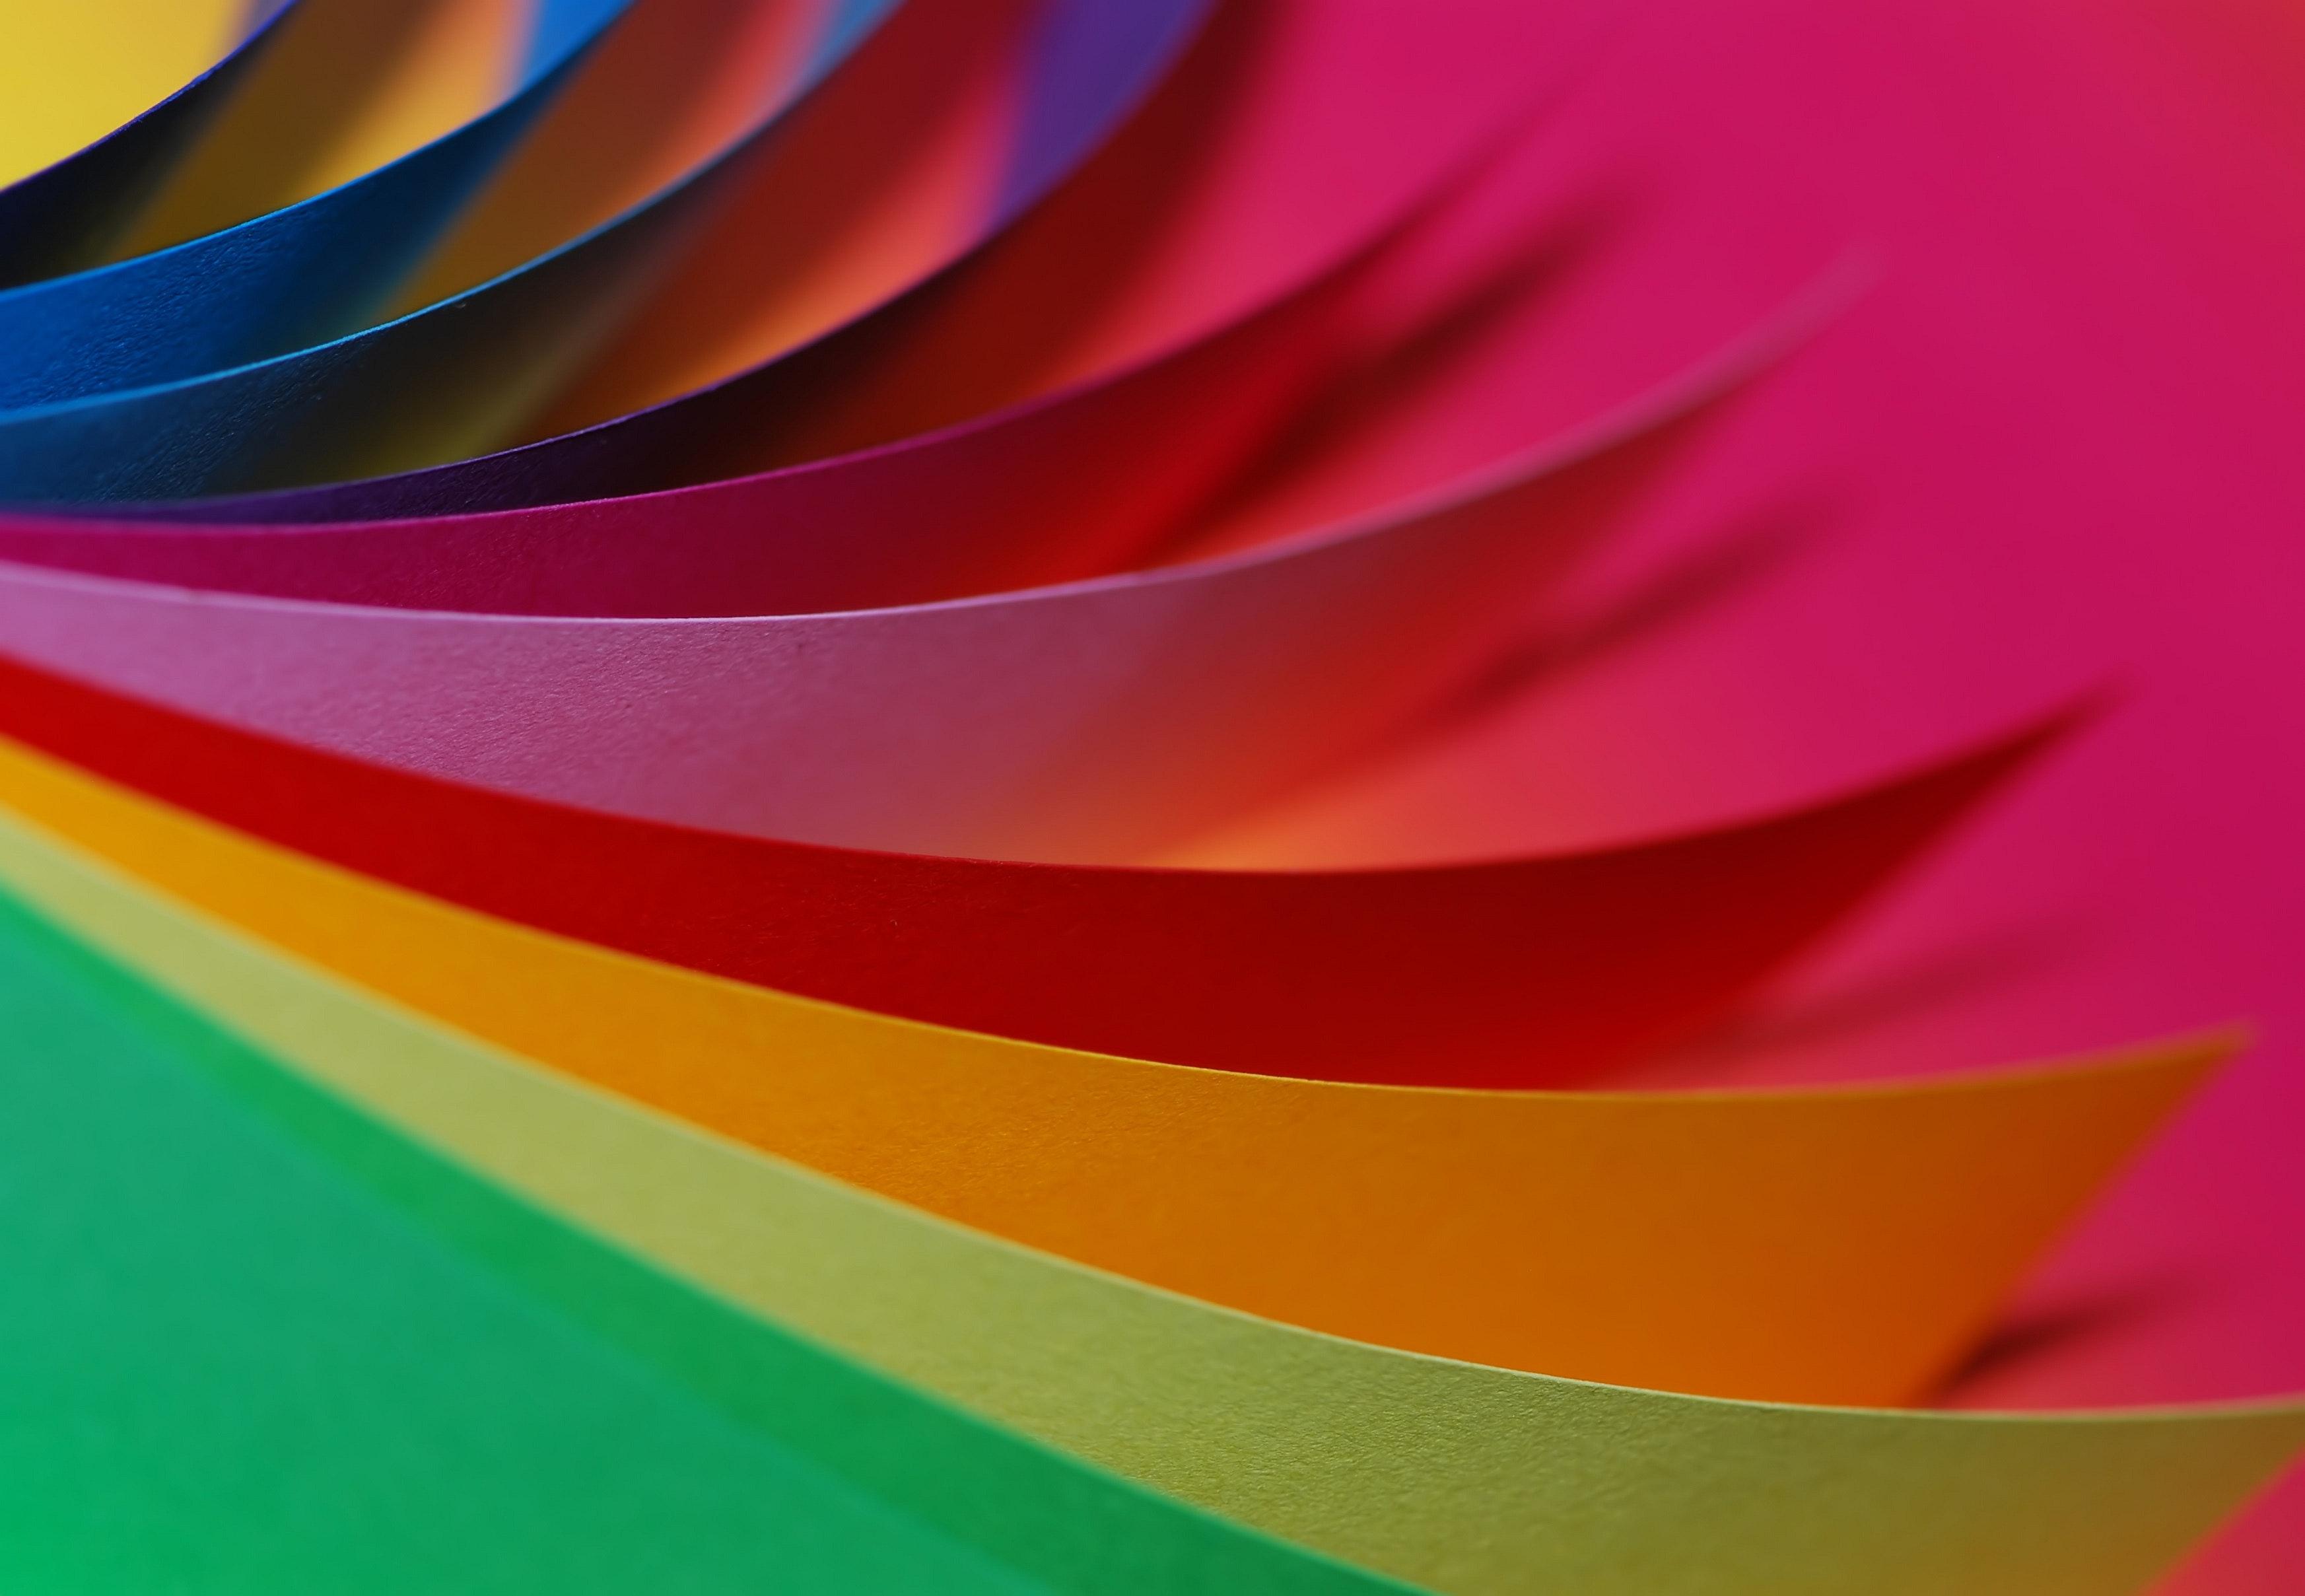 Créer une palette de couleurs : Au-delà de la psychologie de la couleur en marketing